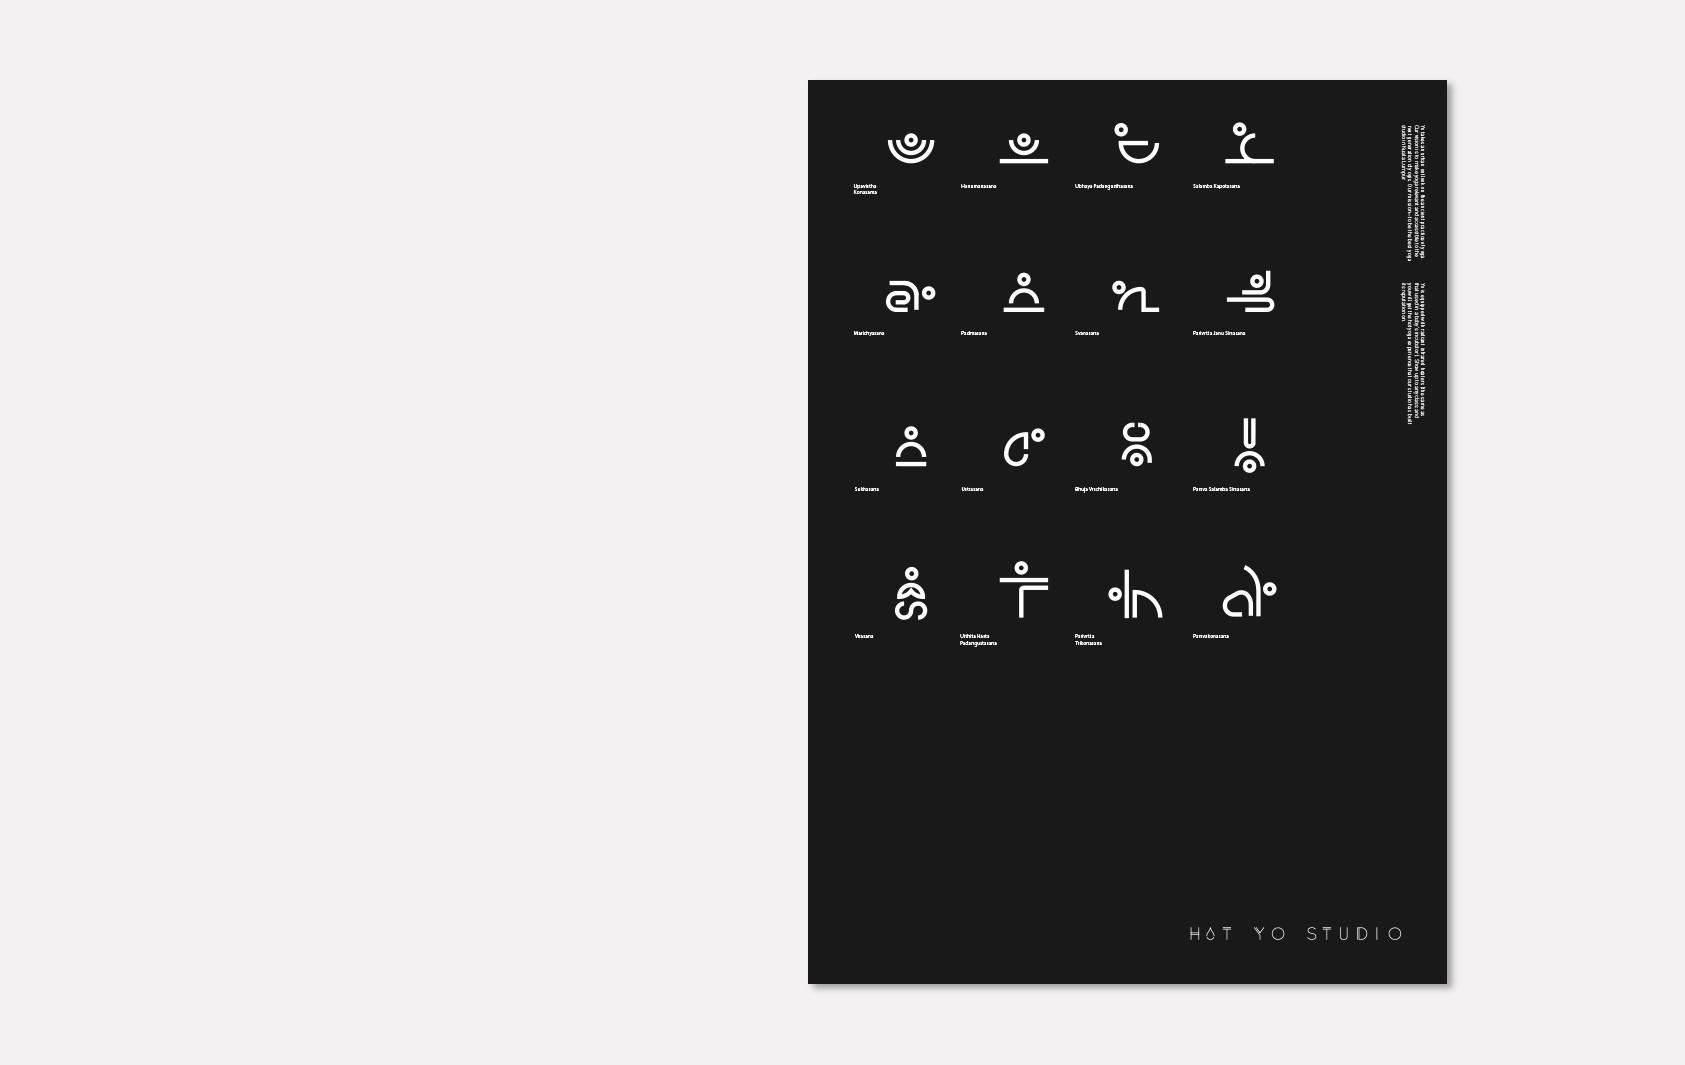 瑜伽工作室标识设计© Nusae